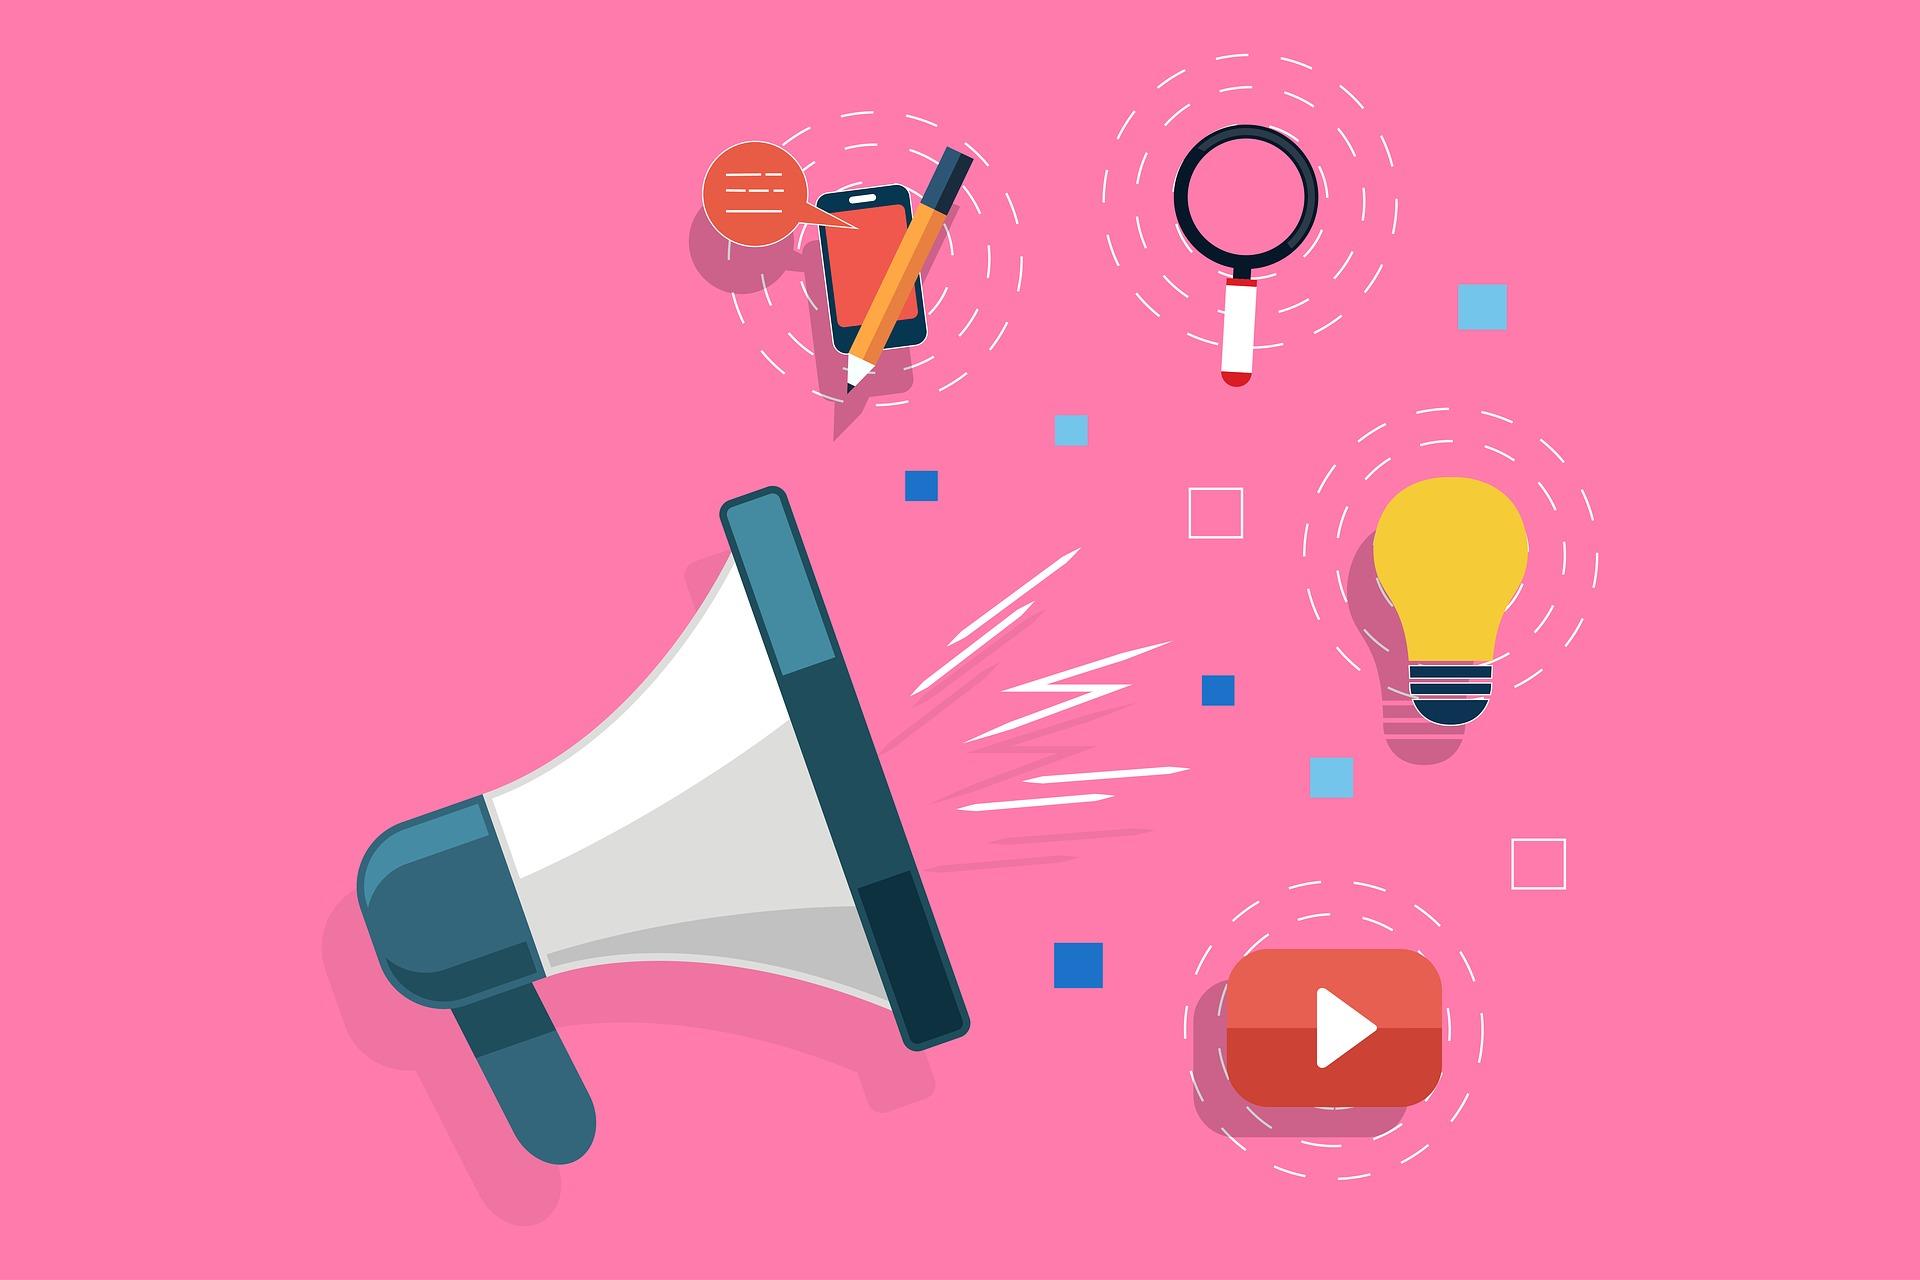 social media marketing for Mobile Application Development Business